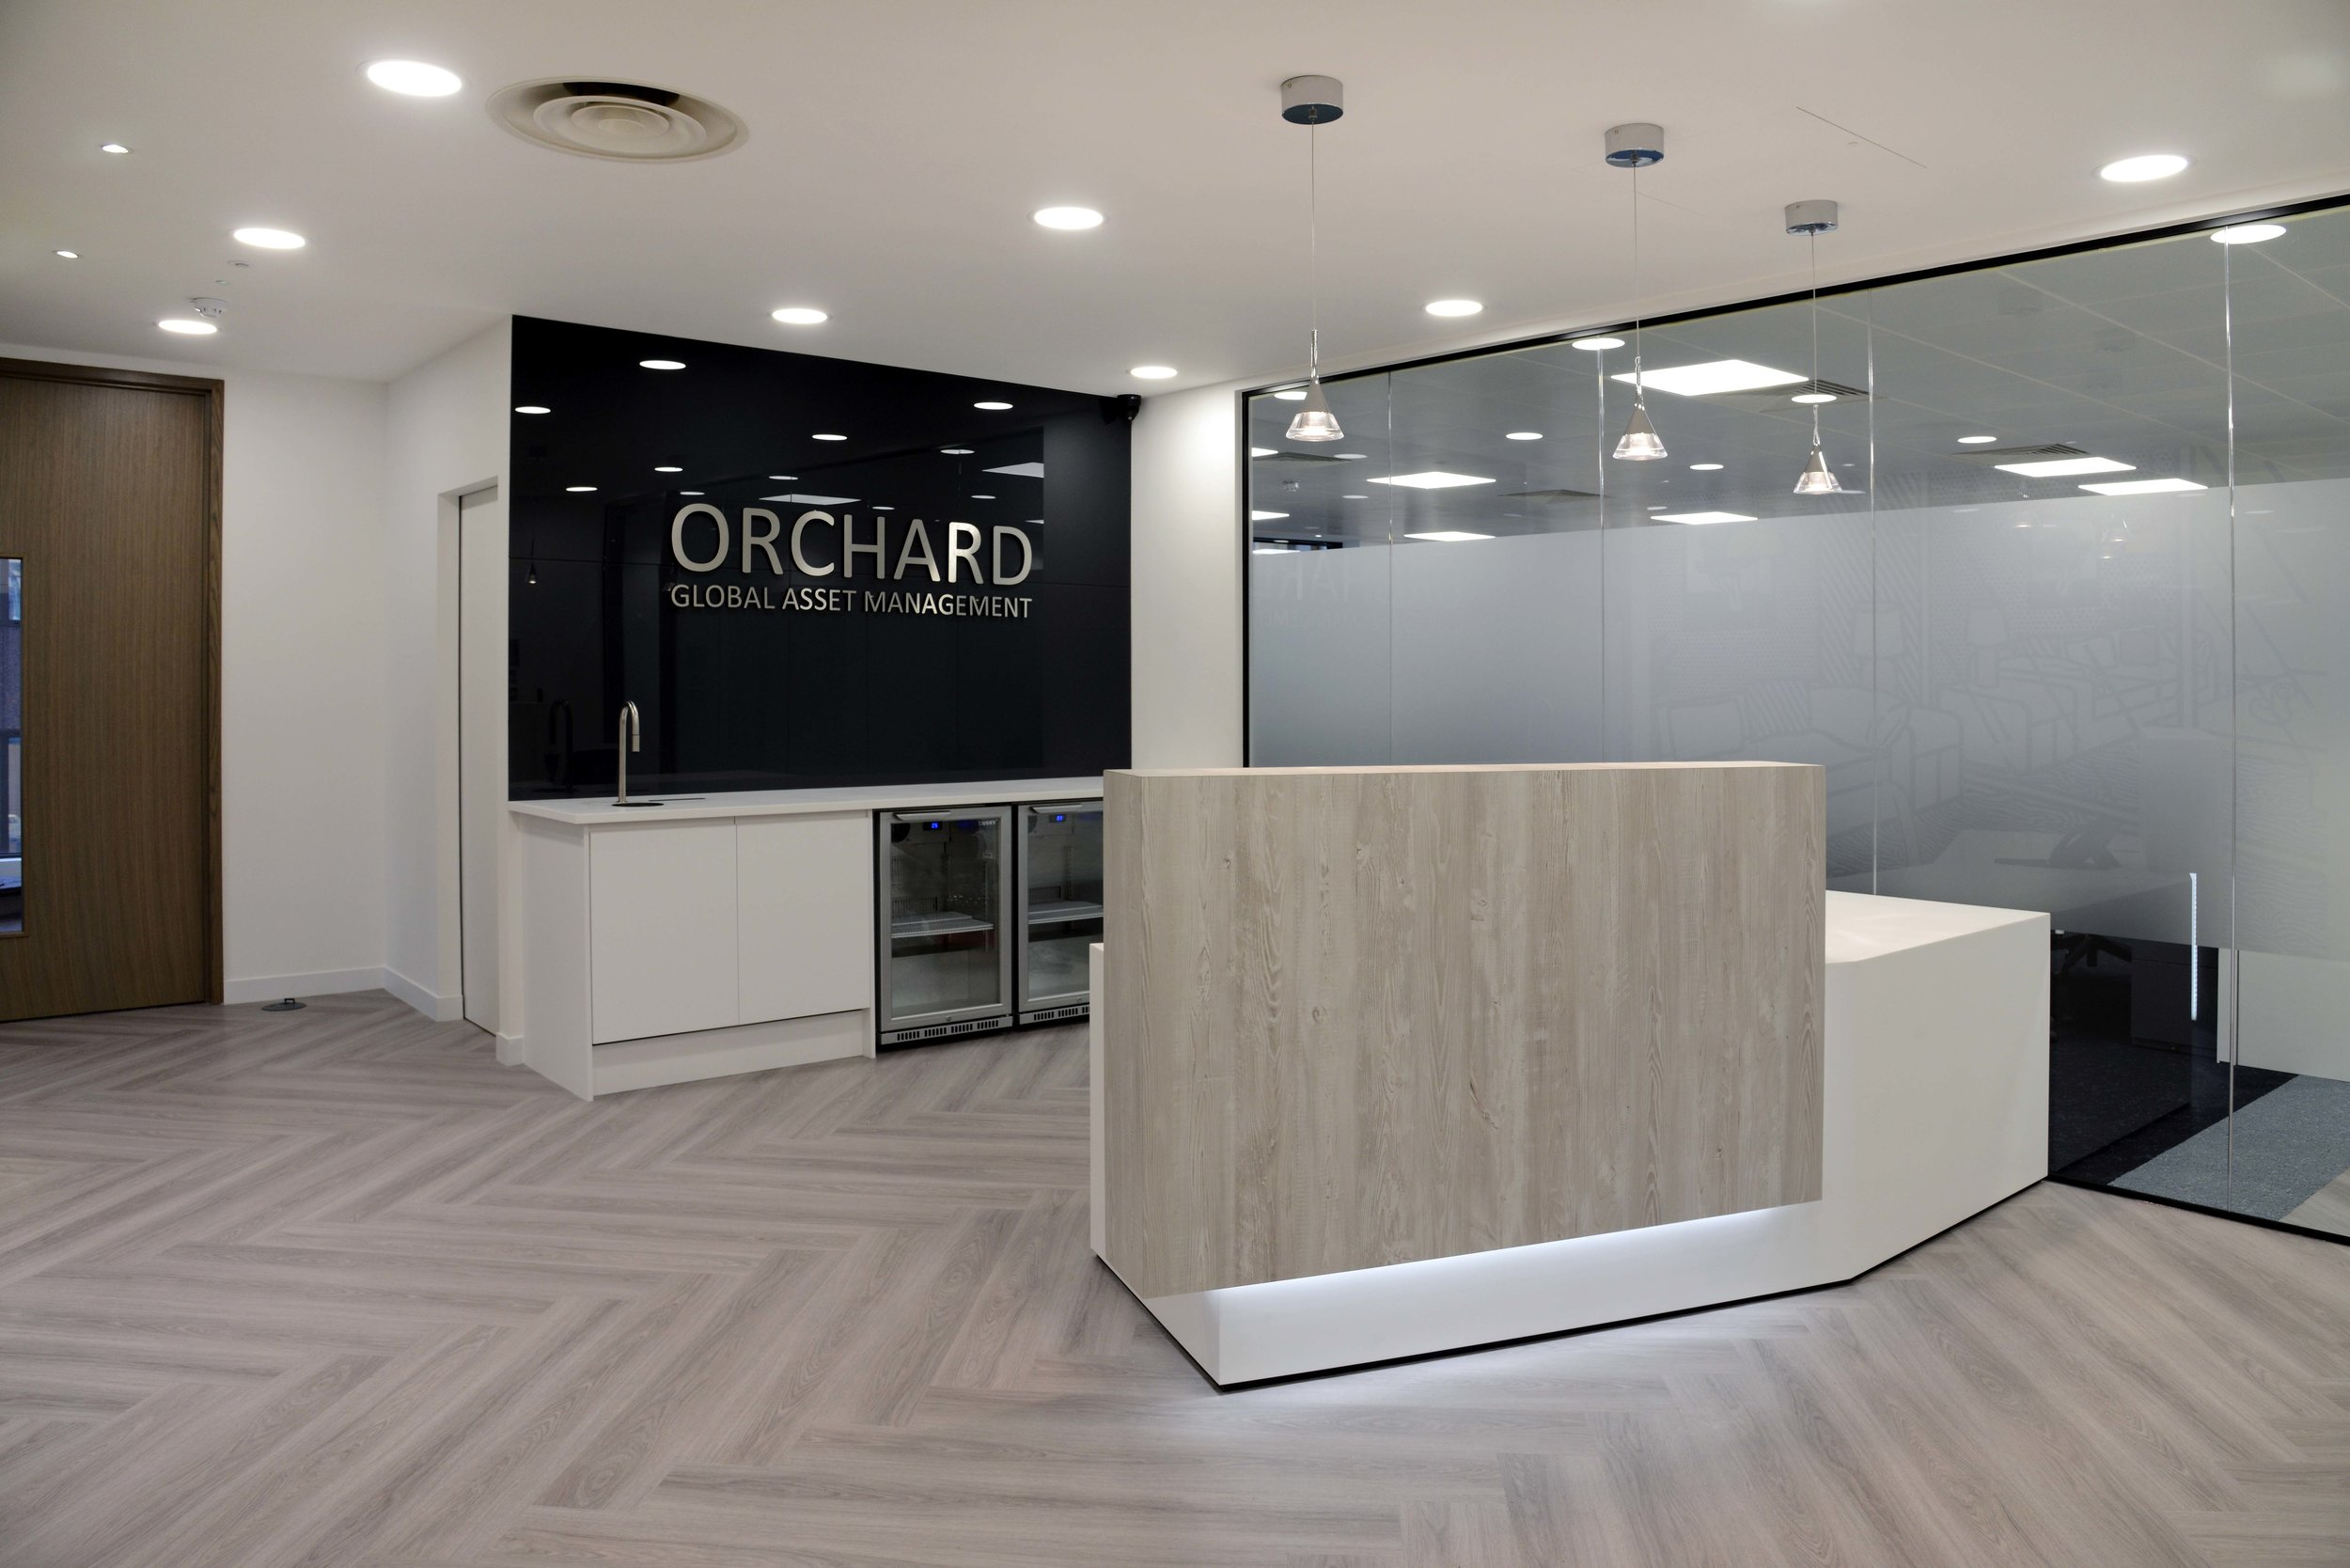 Orchard Global Asset Management 5,400 Sq ft – 5 Weeks